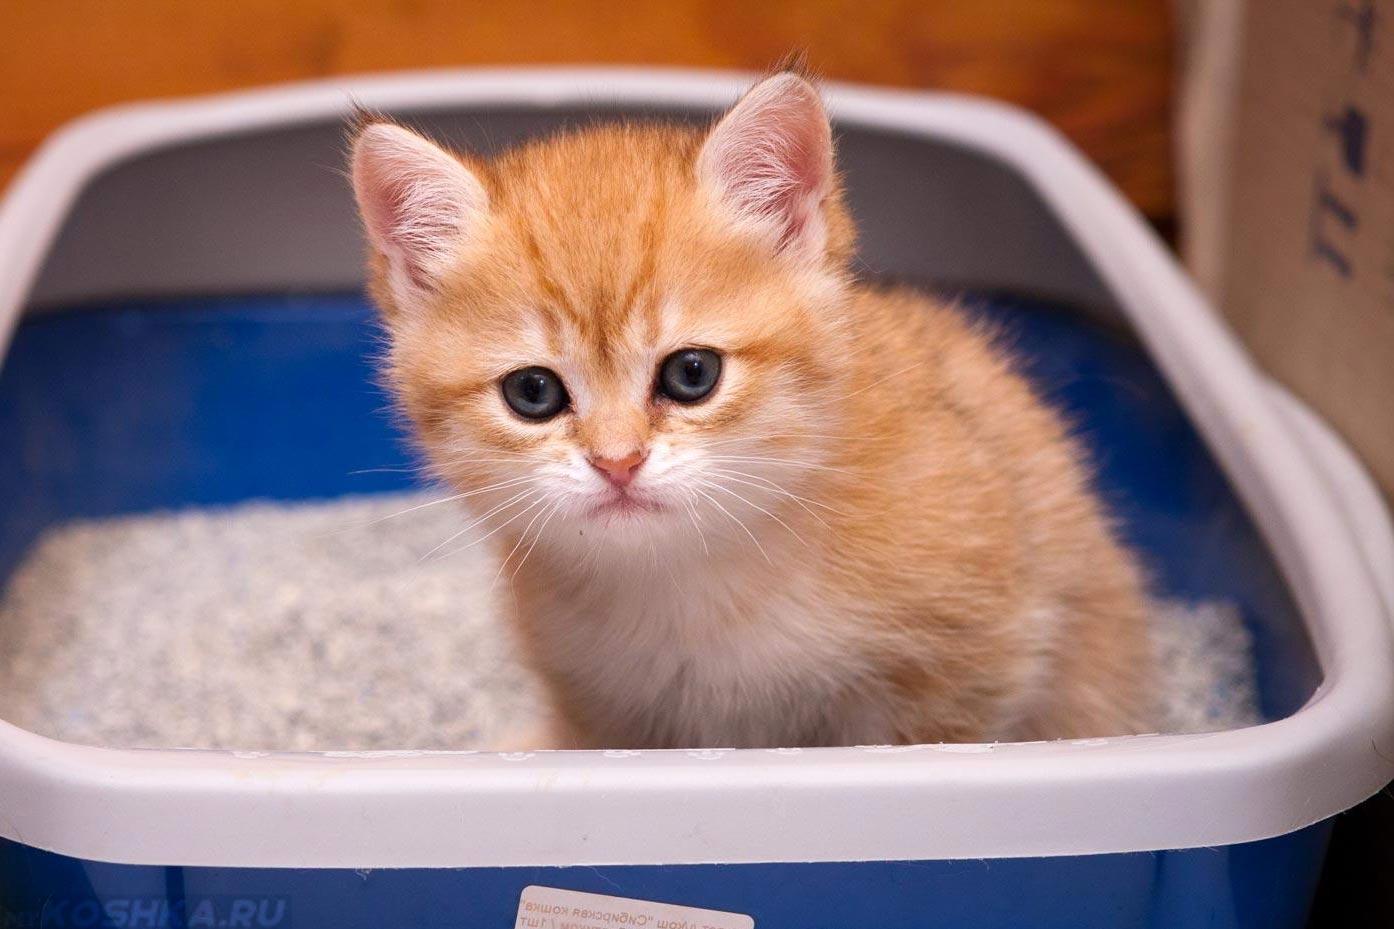 Можно ли коту при поносе давать лоперамид